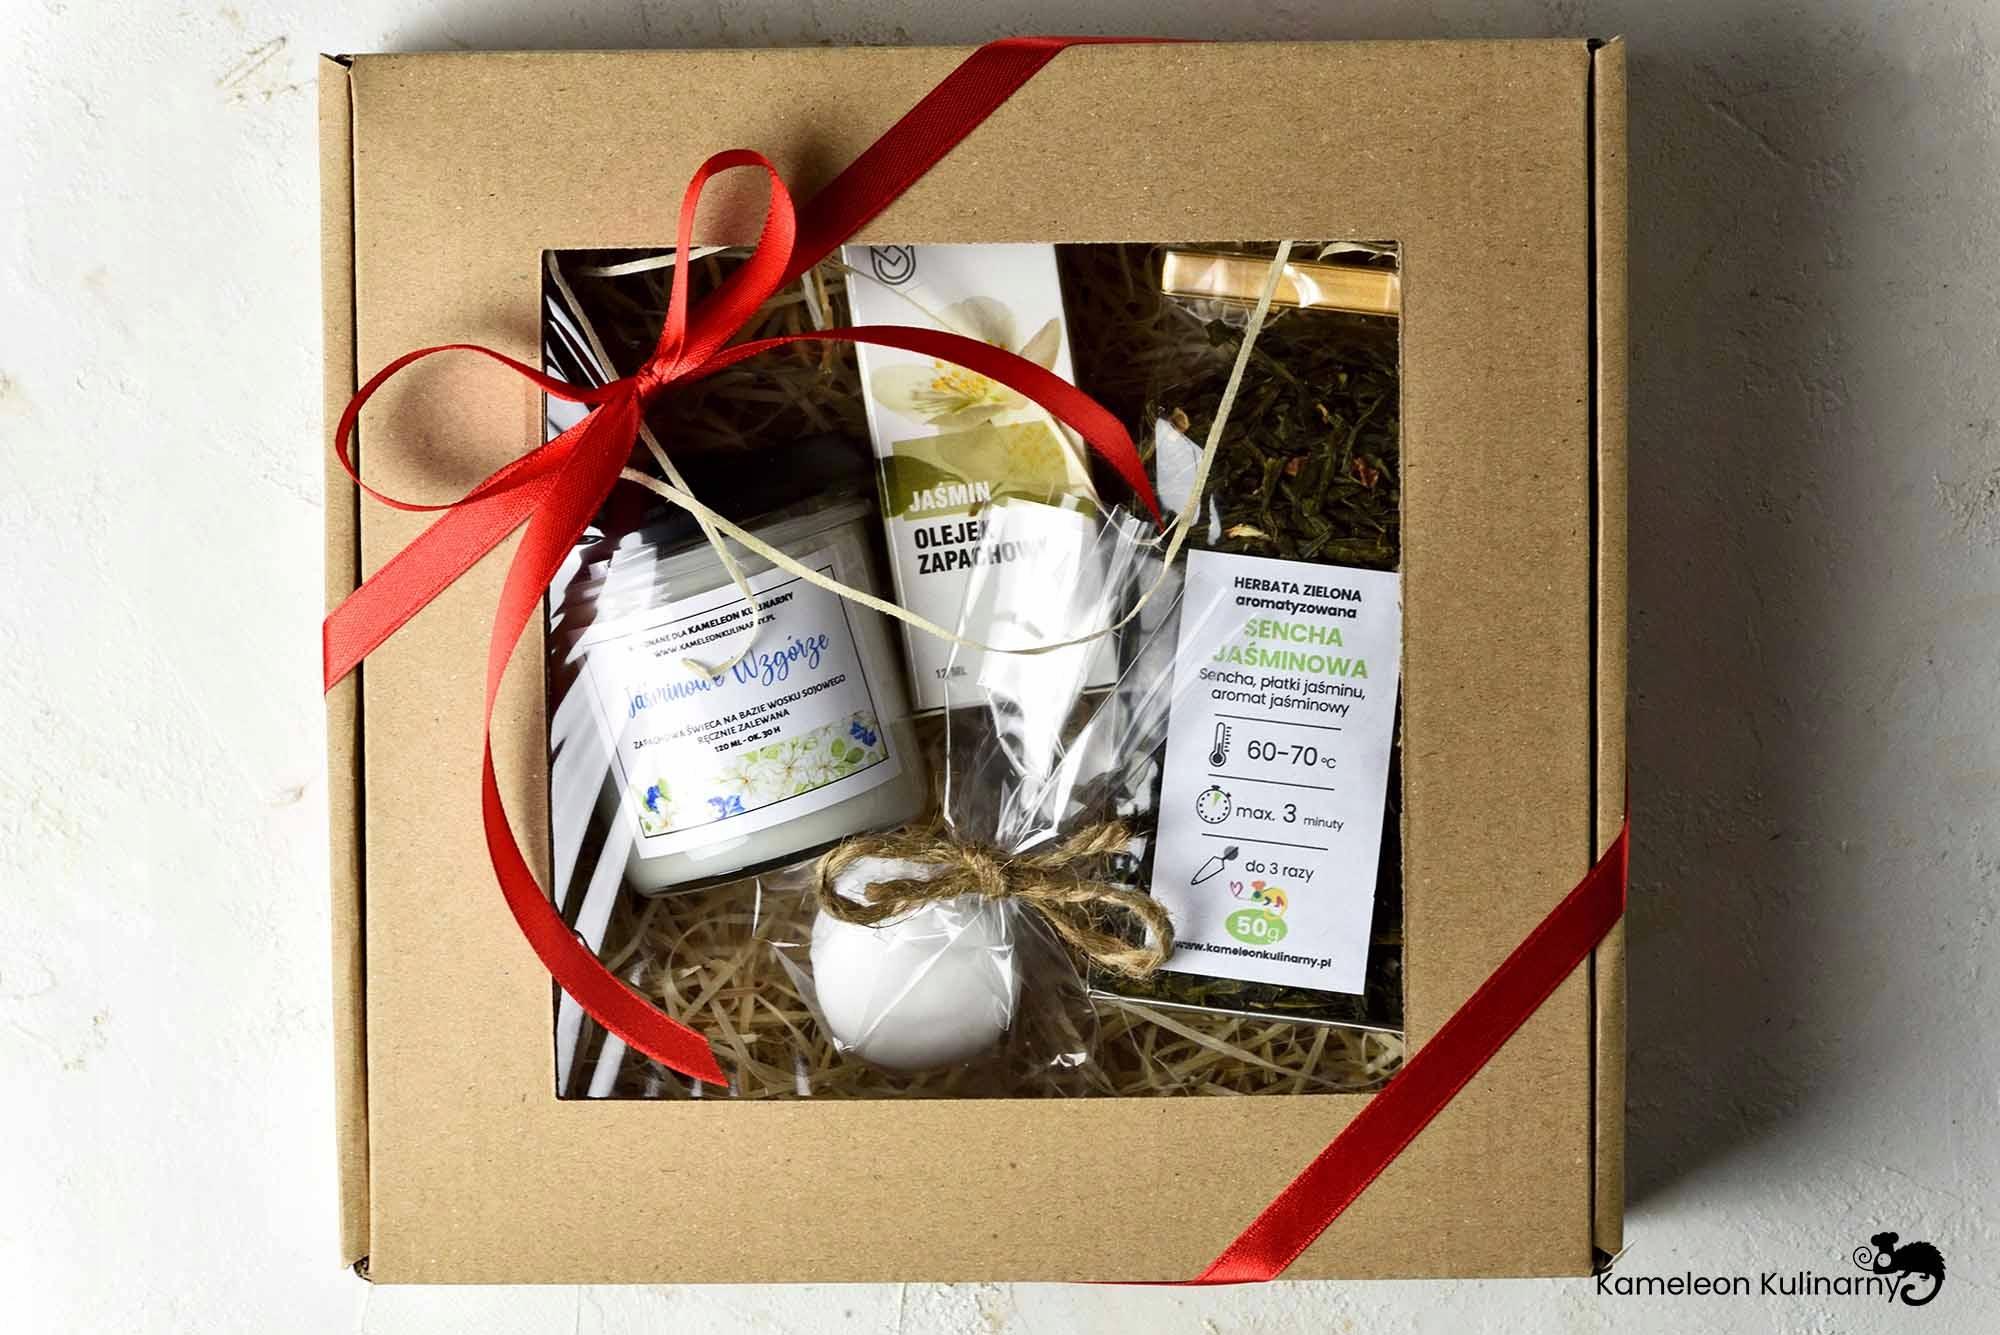 ZESTAW PREZENT świeca herbata olejek mydło JAŚMIN! Kod producenta ZESTAW PREZENTOWY jaśminowy JAŚMIN